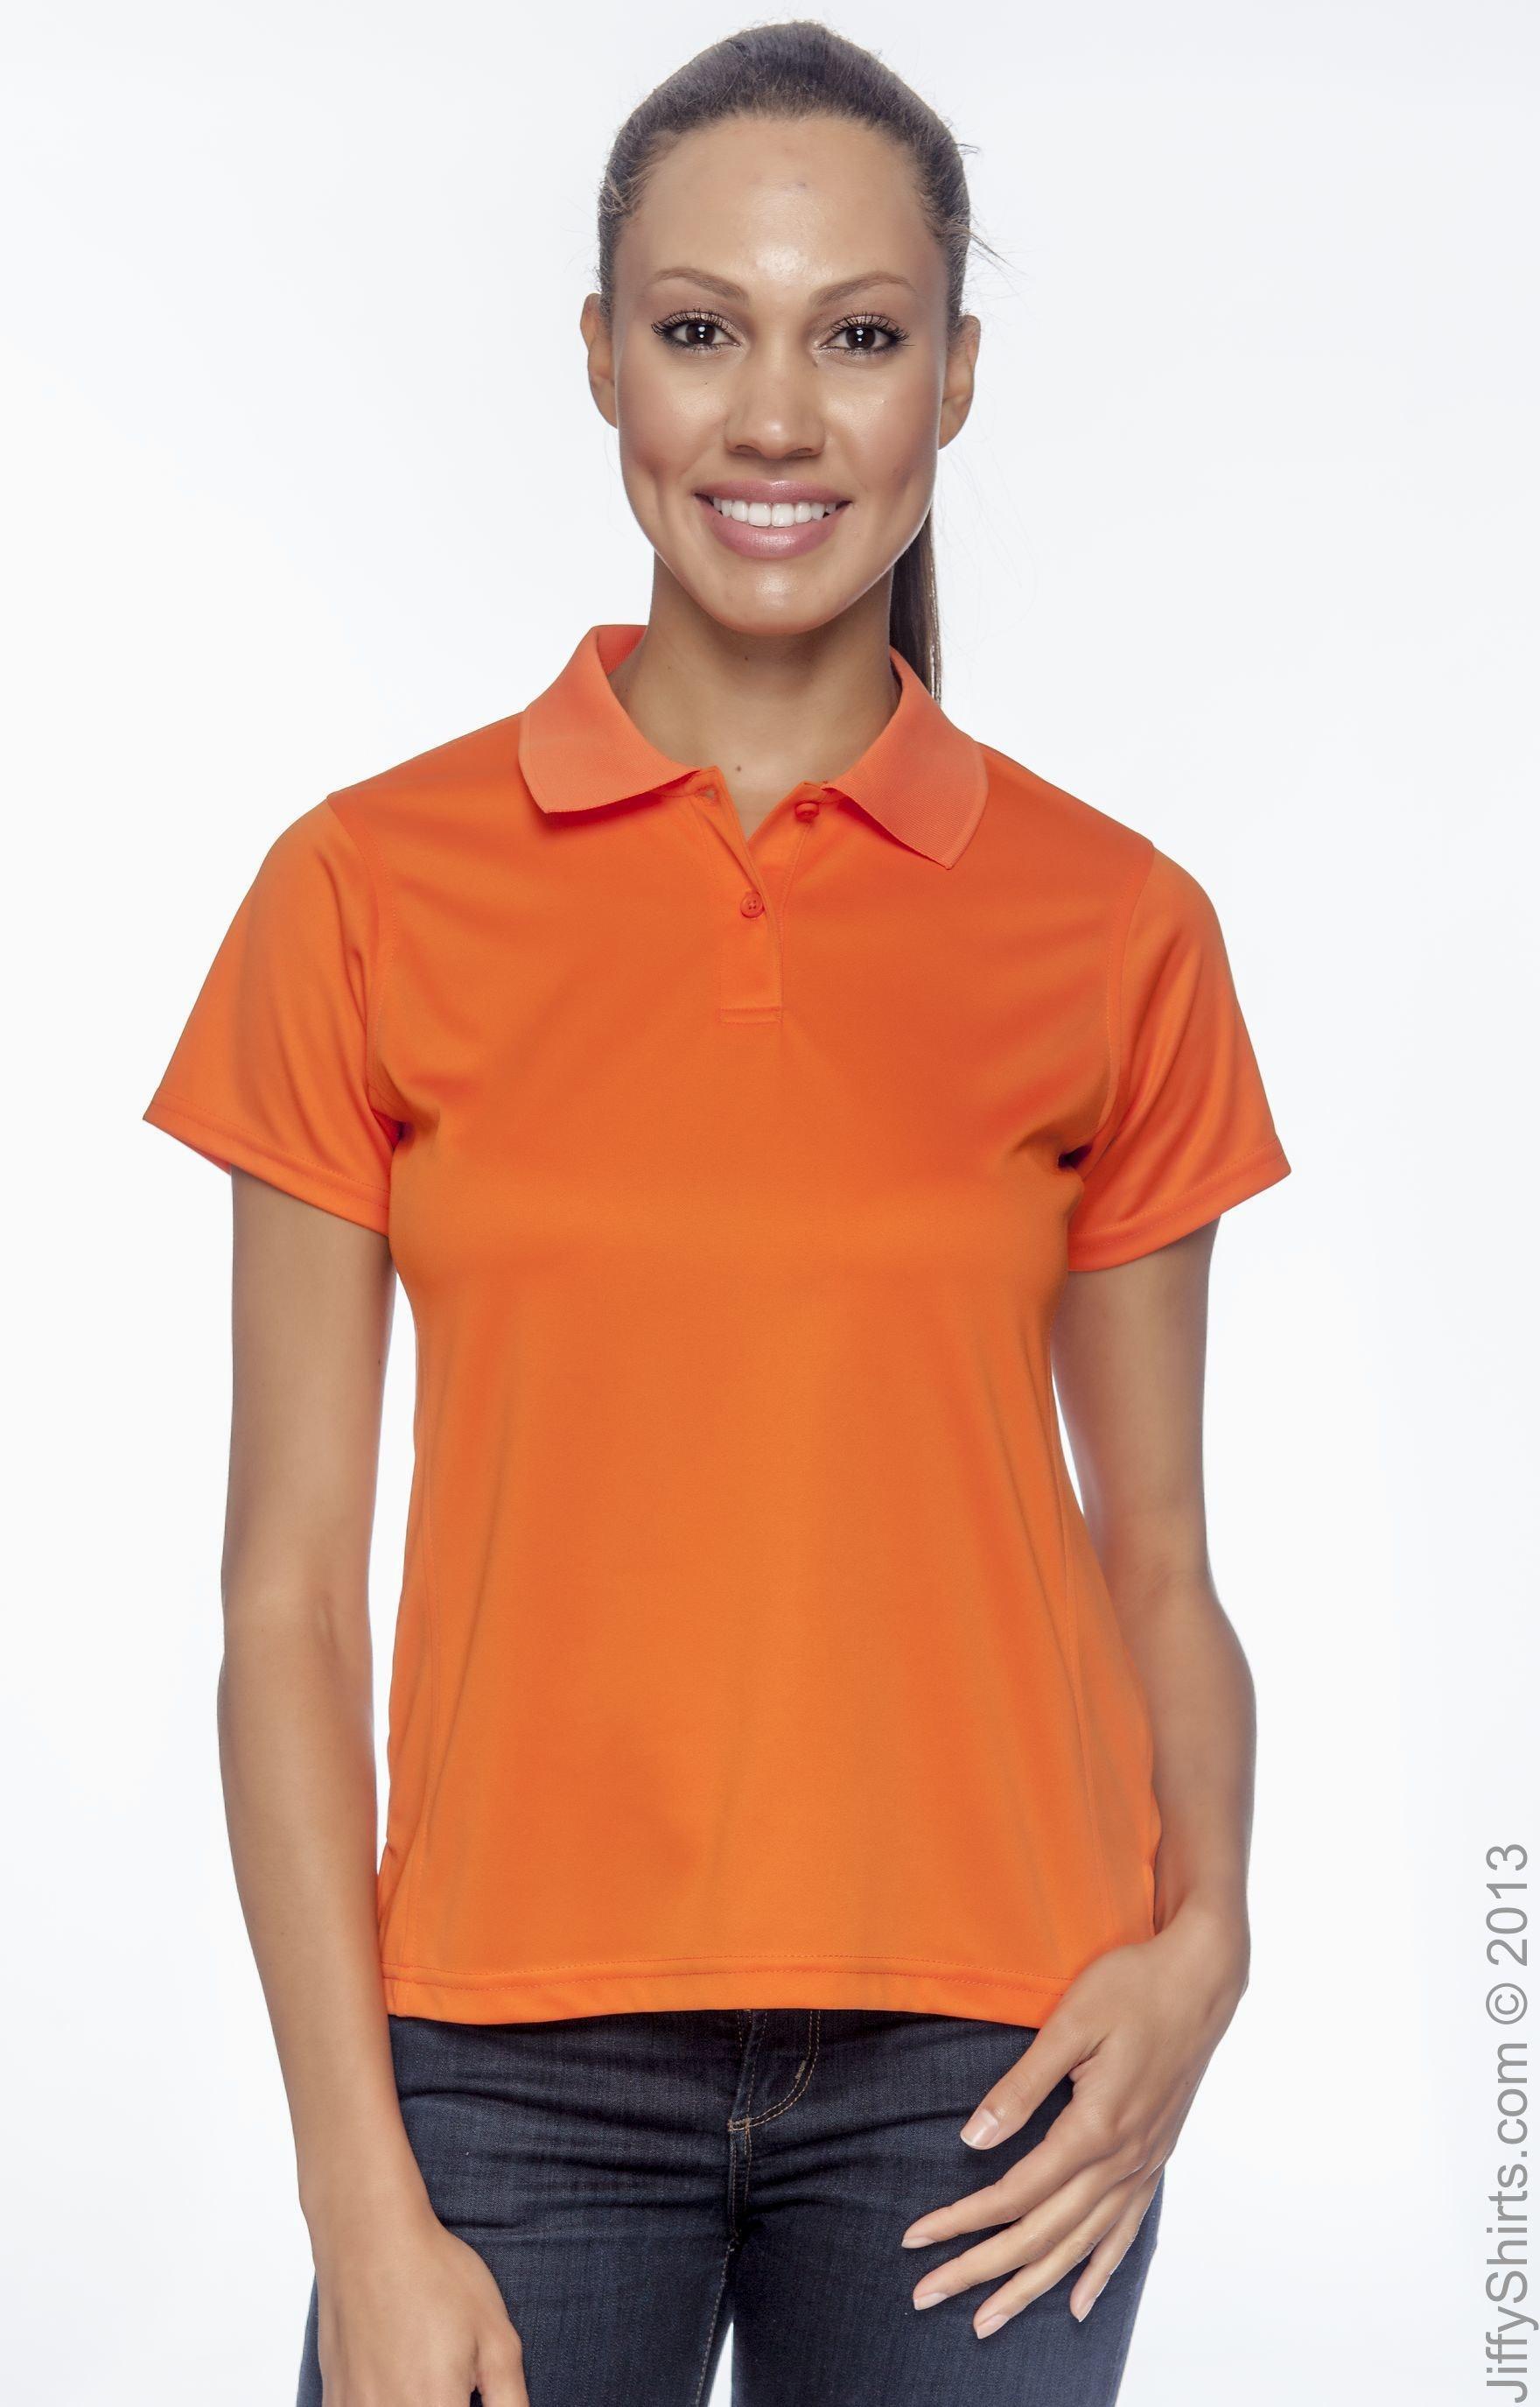 M315W - Team Orange